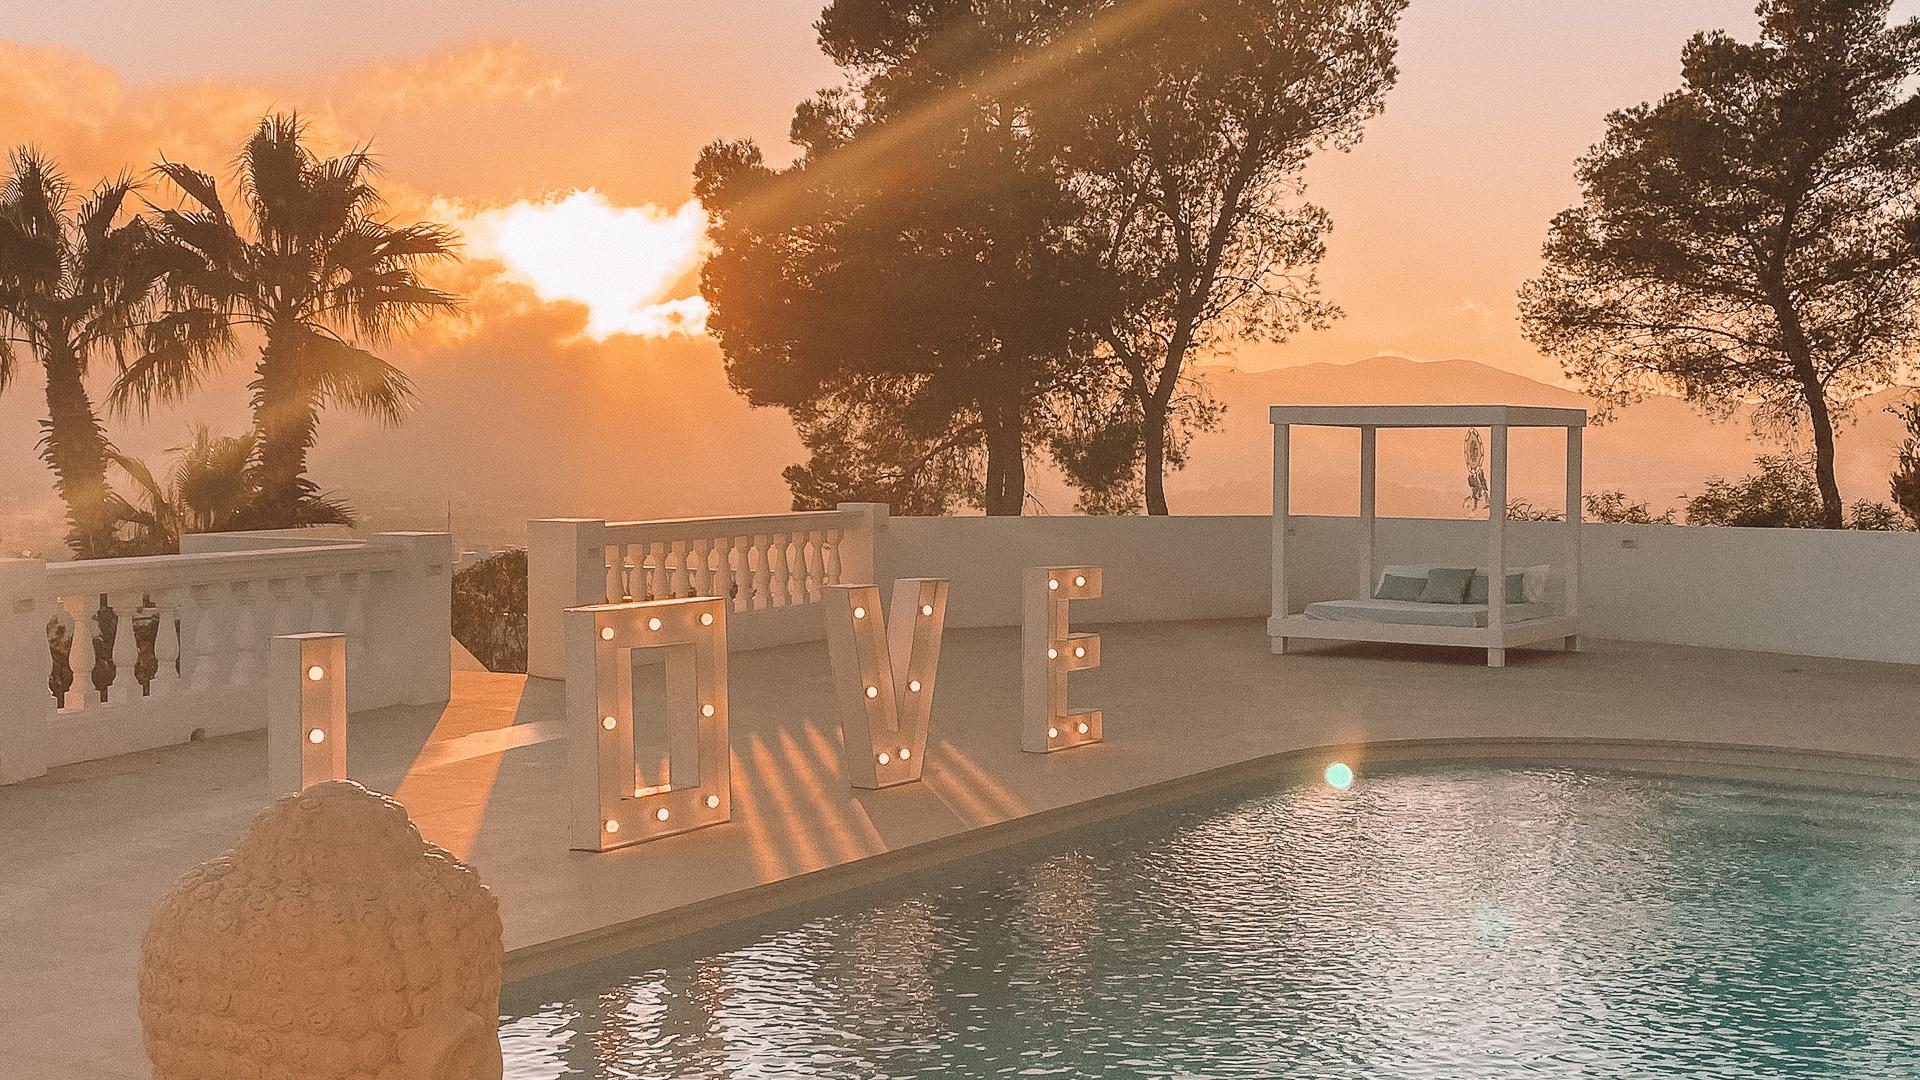 Ibiza Sunset Fotografieren lernen